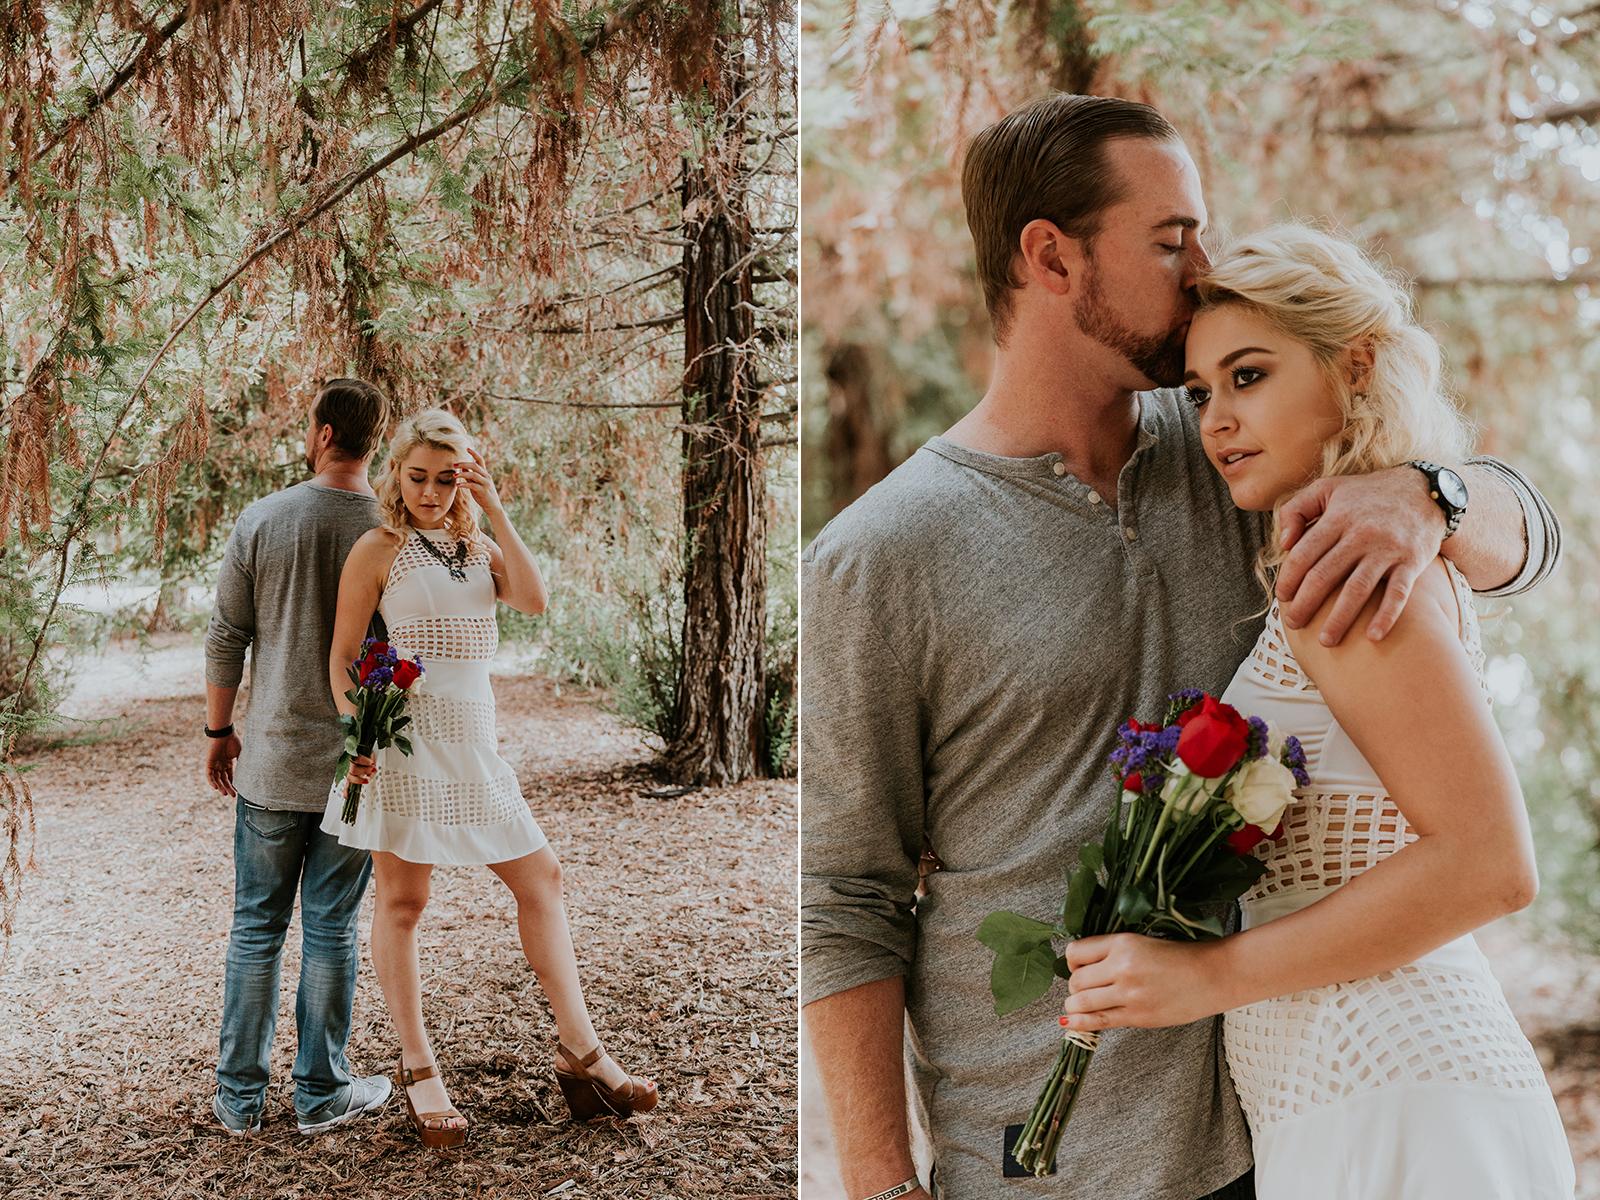 engagement-photographer-orange-county-ca-lauren-nick-6